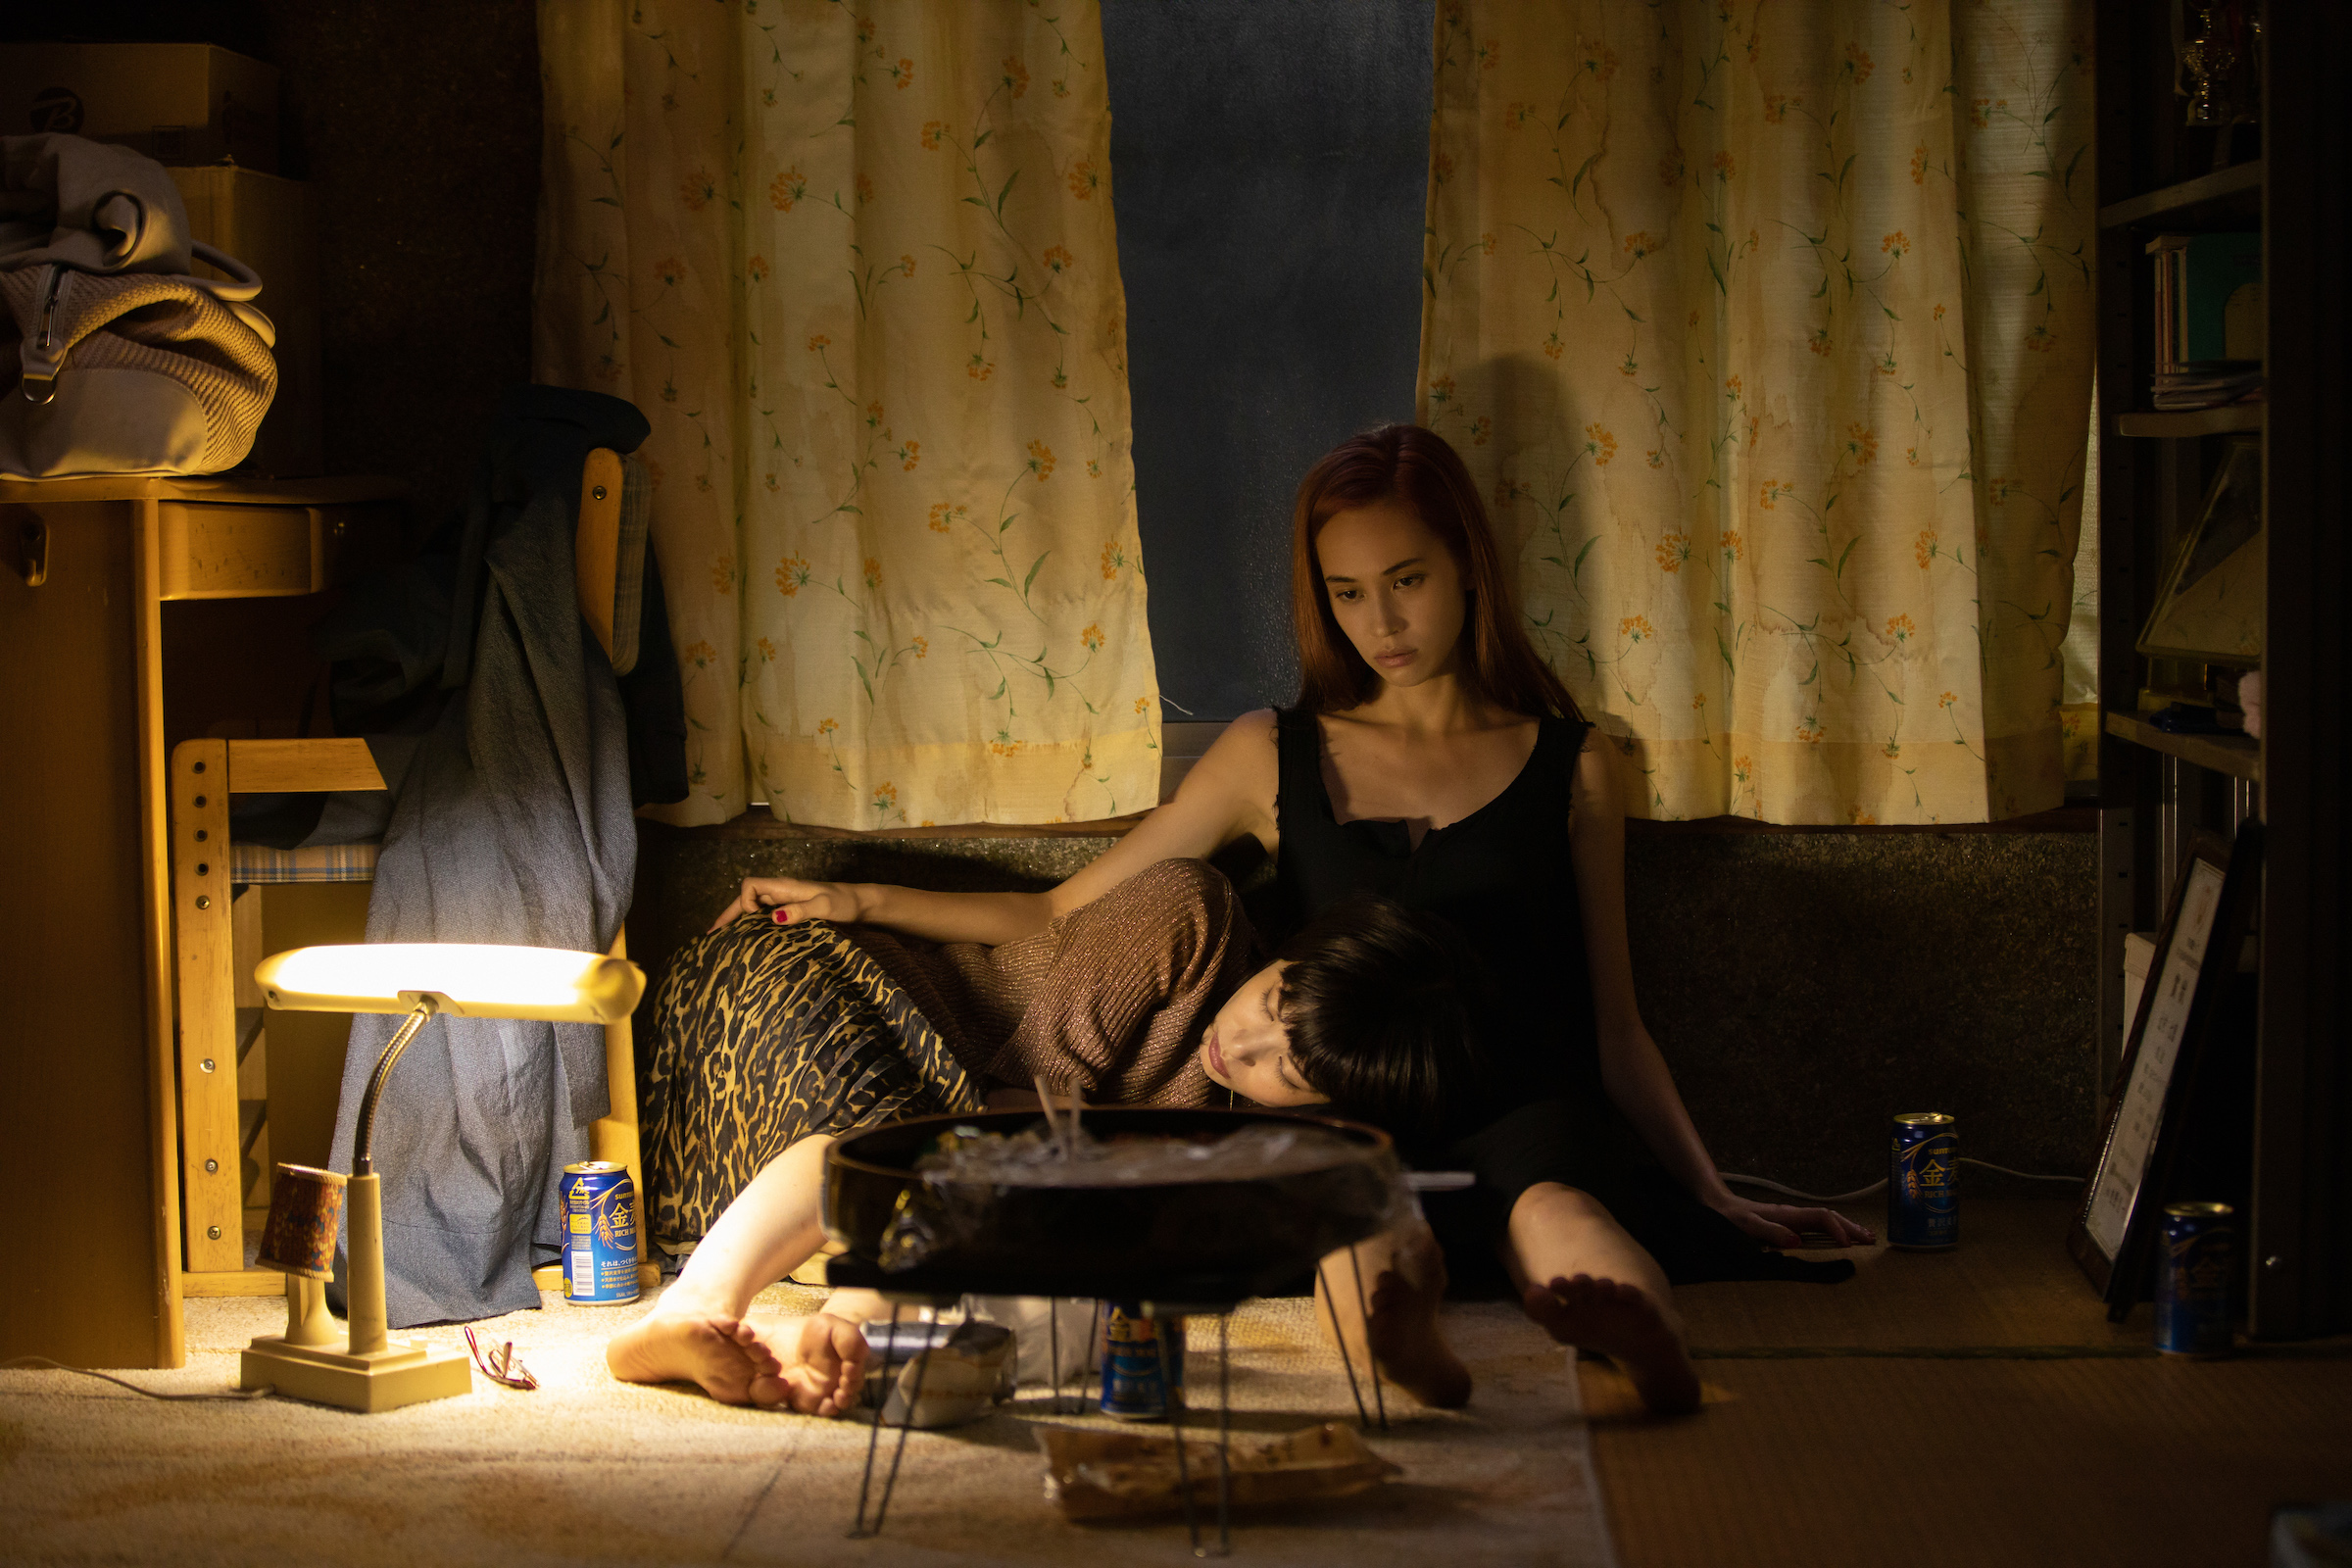 Kiko Mizuhara and Honami Satô sit together in a moody, underlit room in Ride or Die